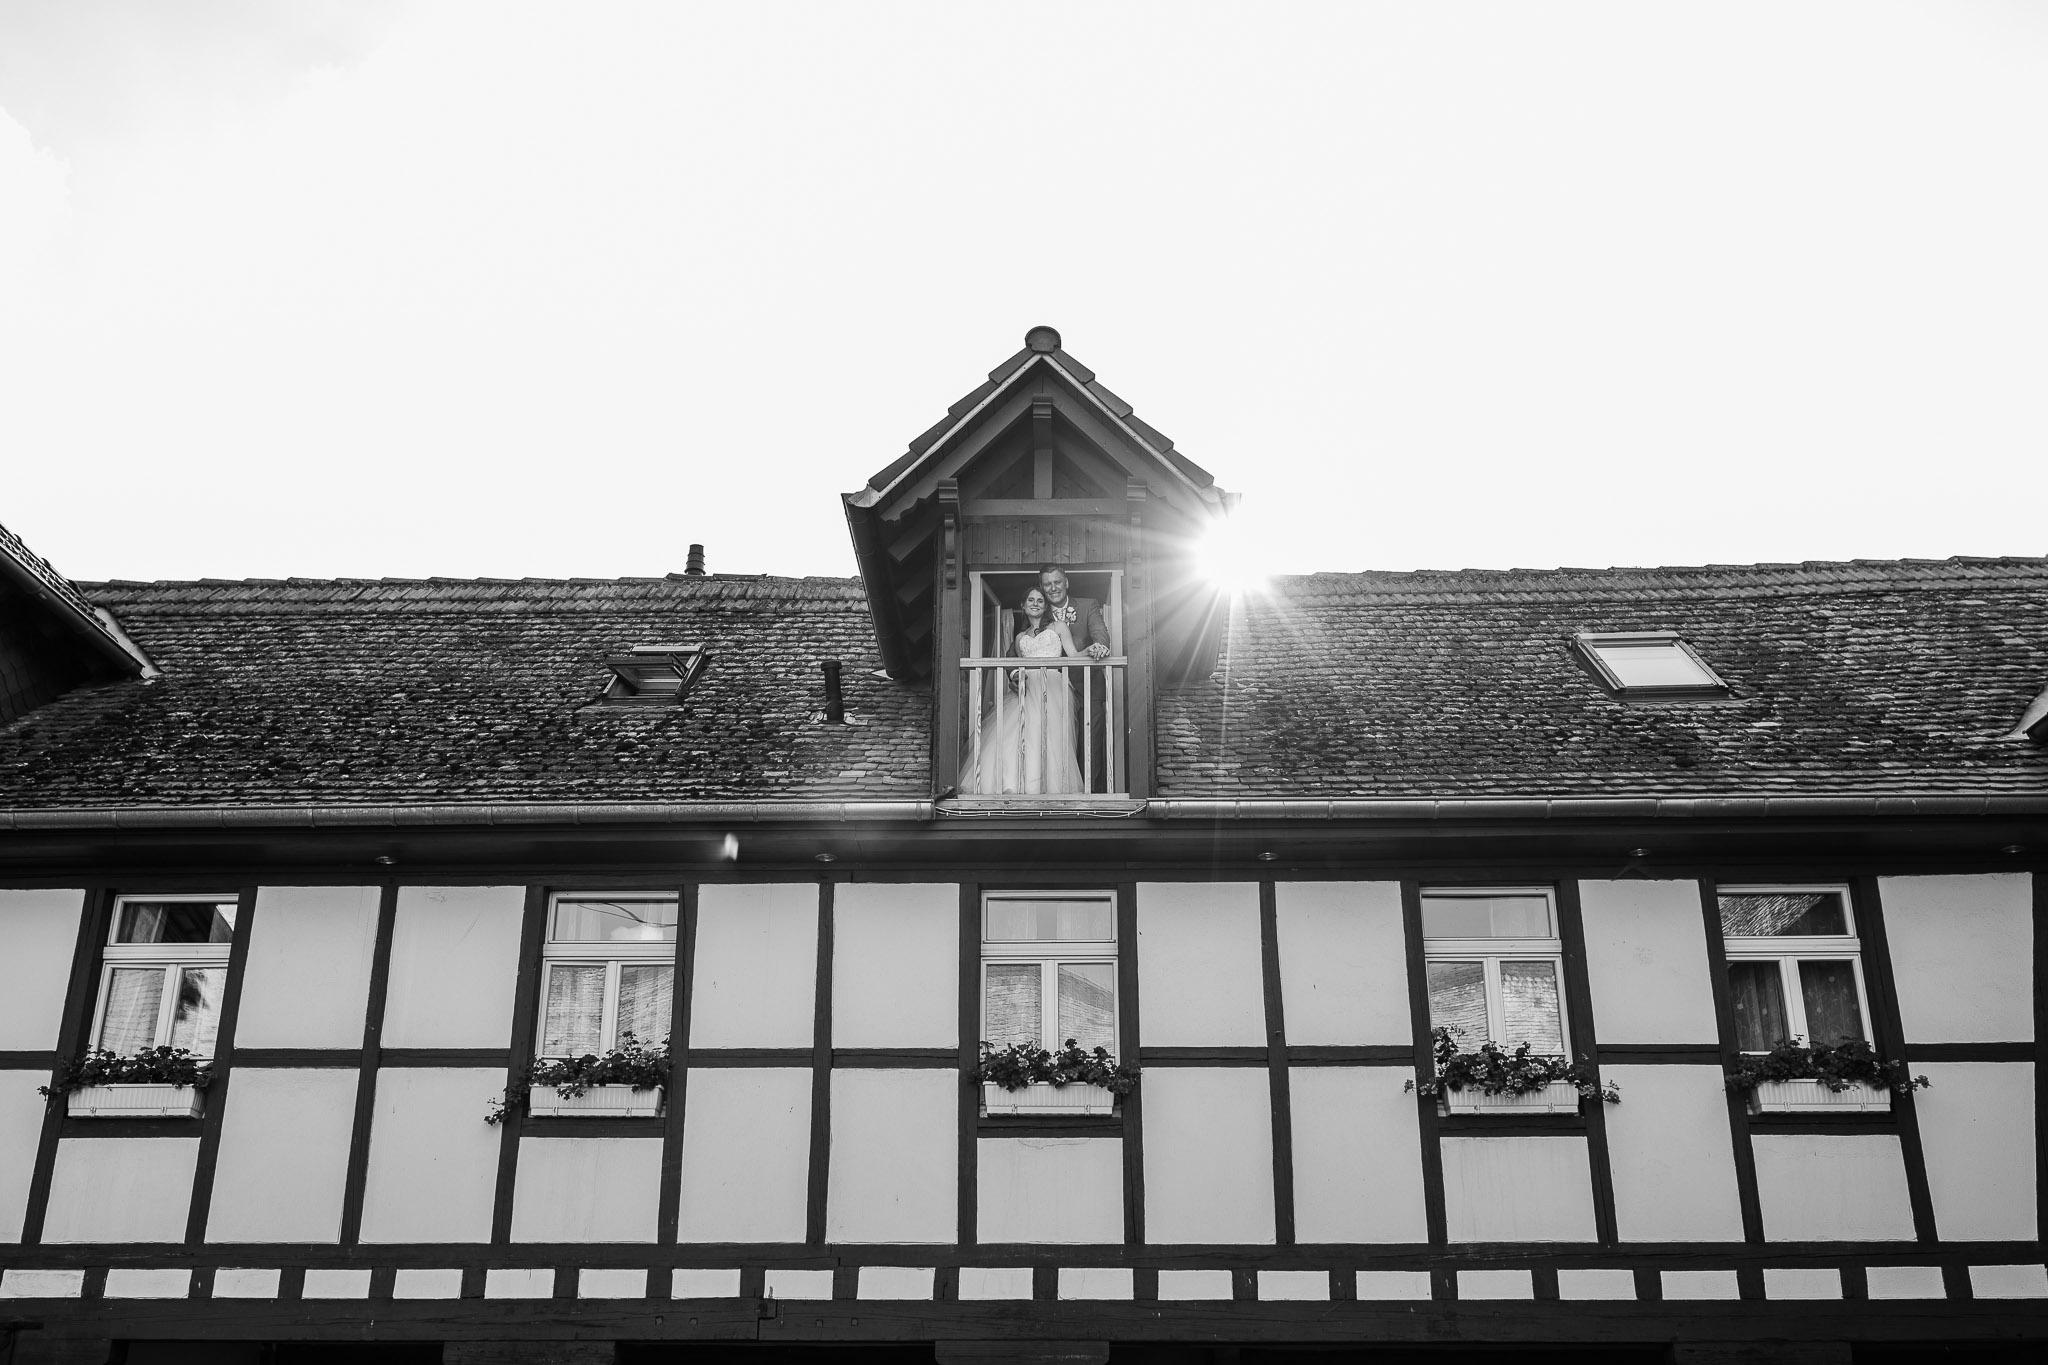 Hochzeitsfotograf Undenheim: Brautpaar auf dem Balkon im Junghof